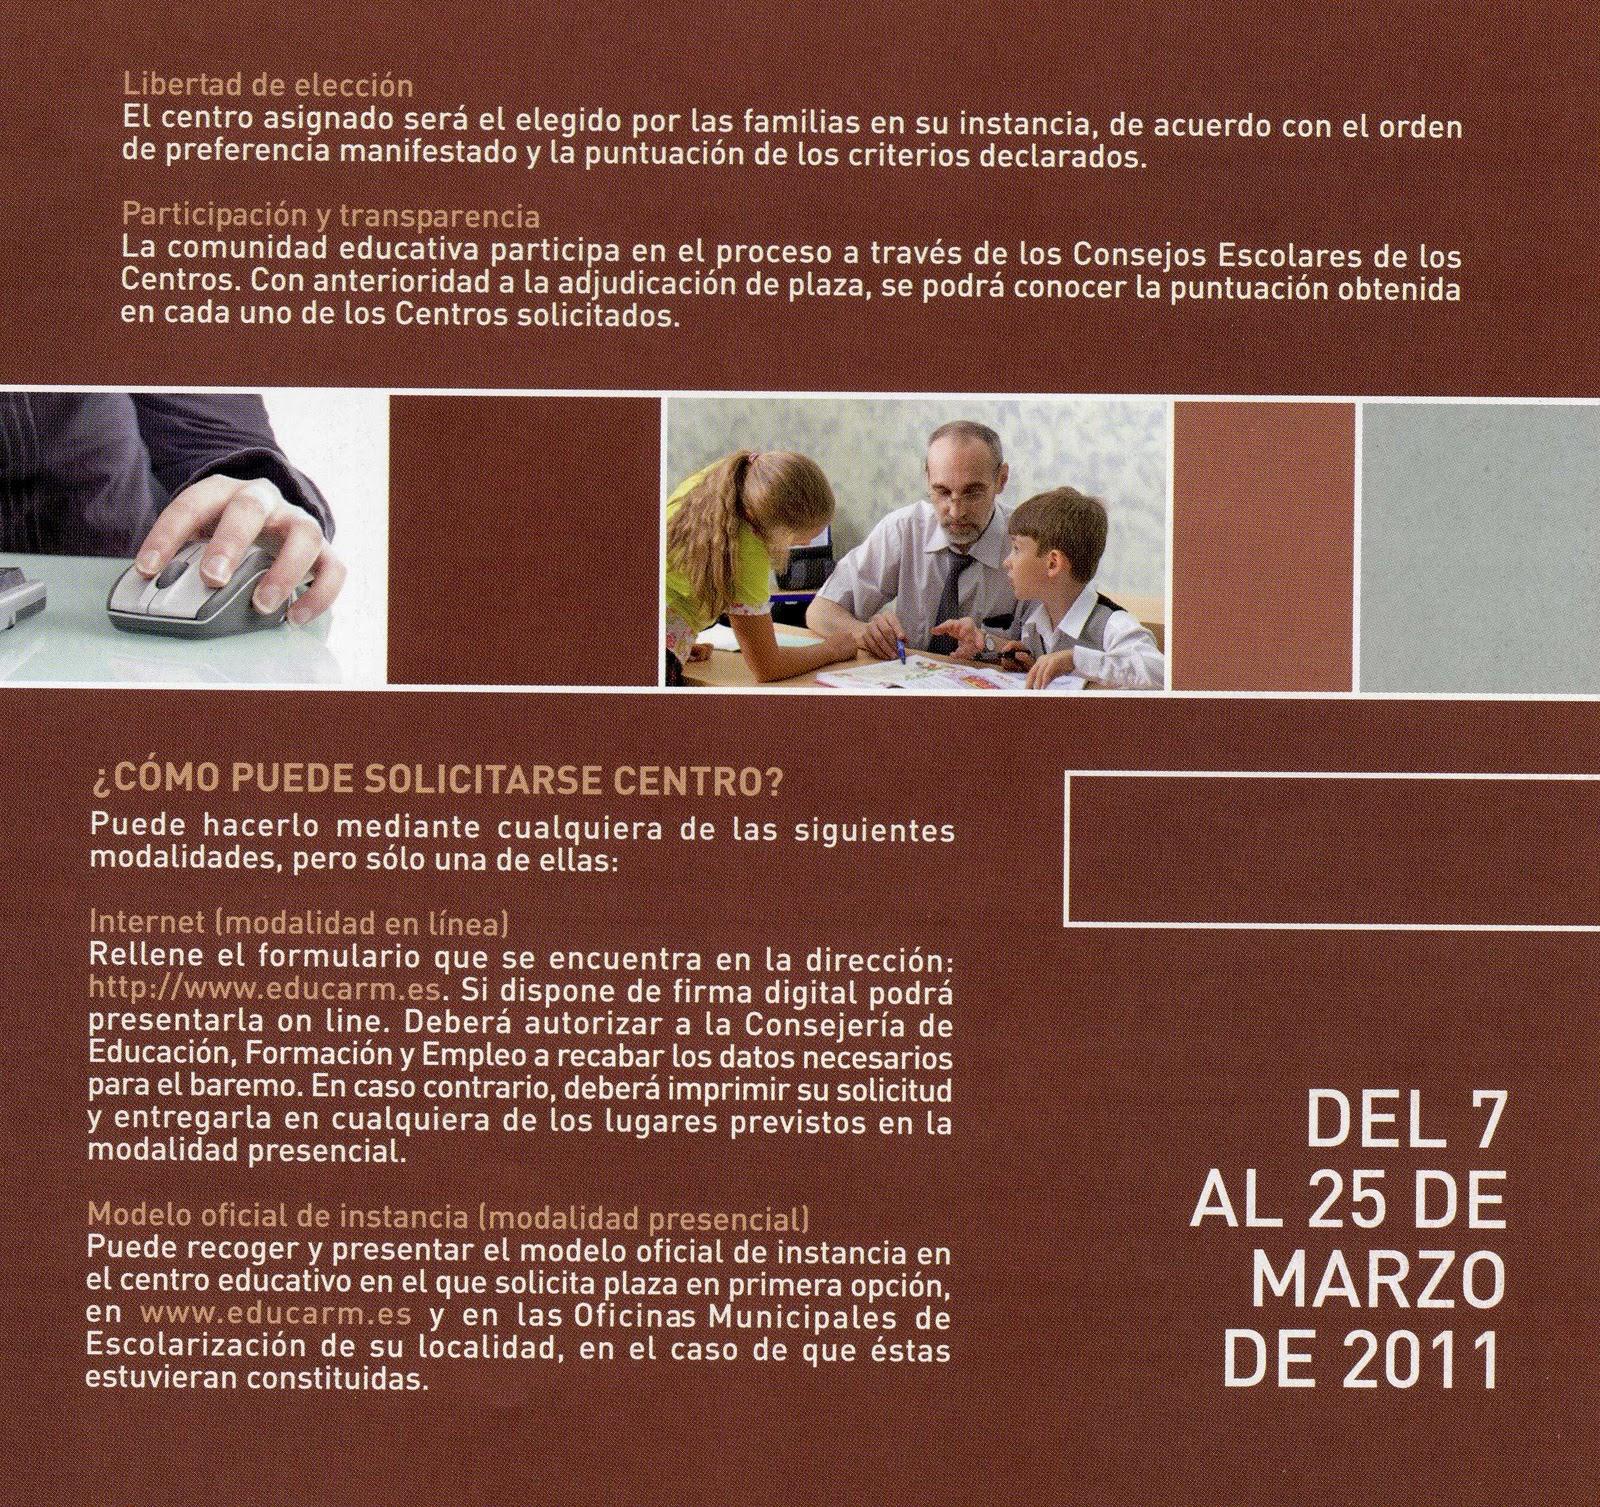 Admision Escolar: Ampa: ADMISION ESCOLAR 2011-2012